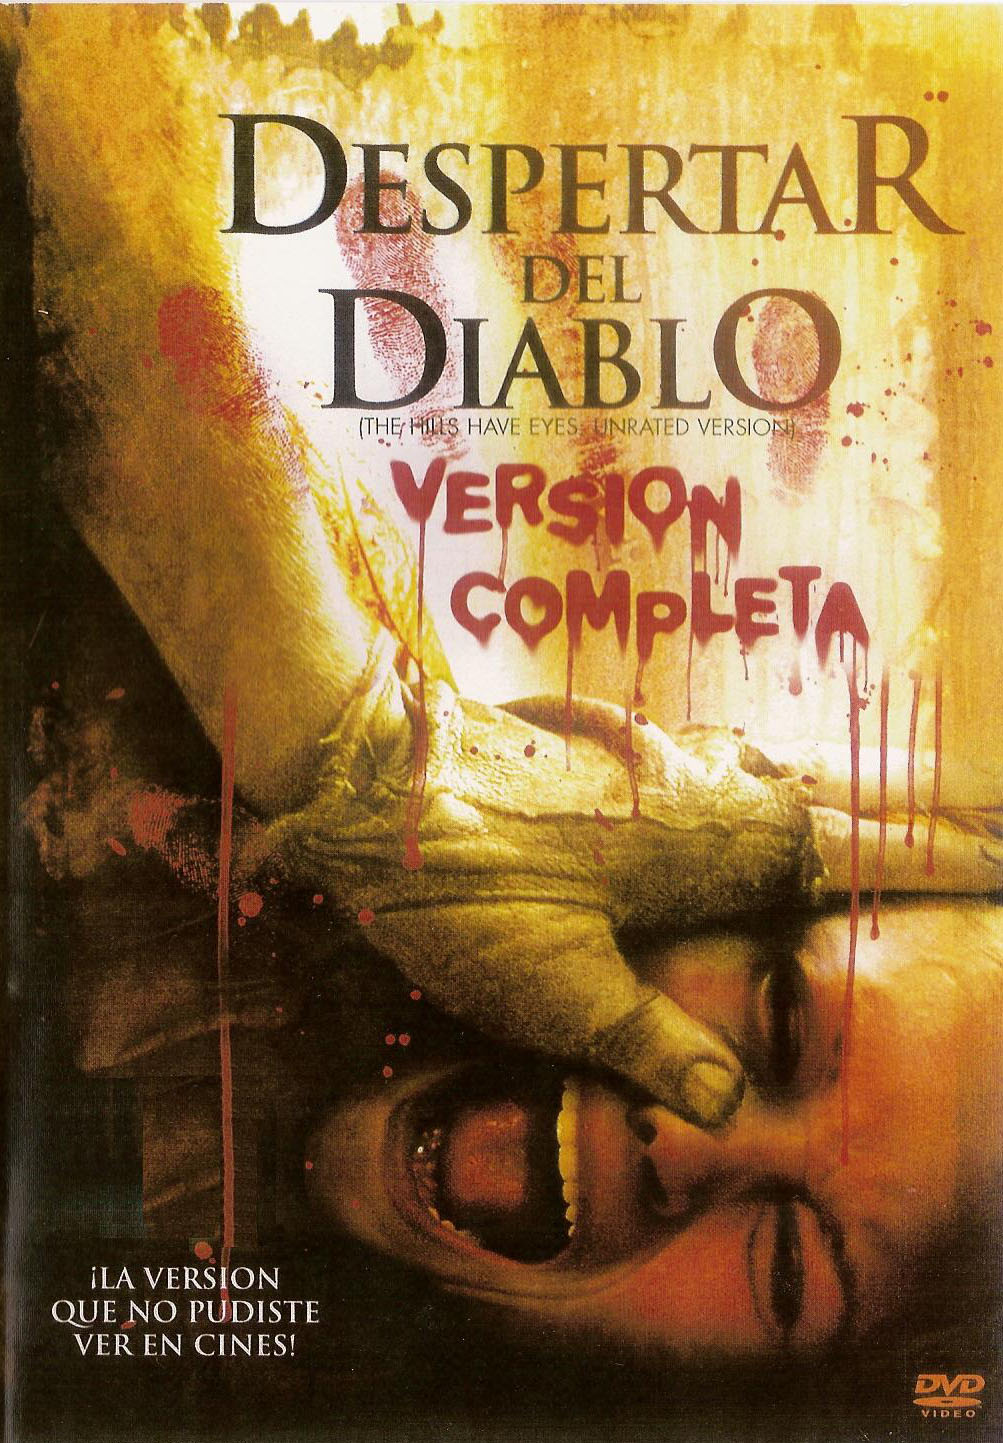 El Despertar del Diablo (2006) DVDRip Español Latino